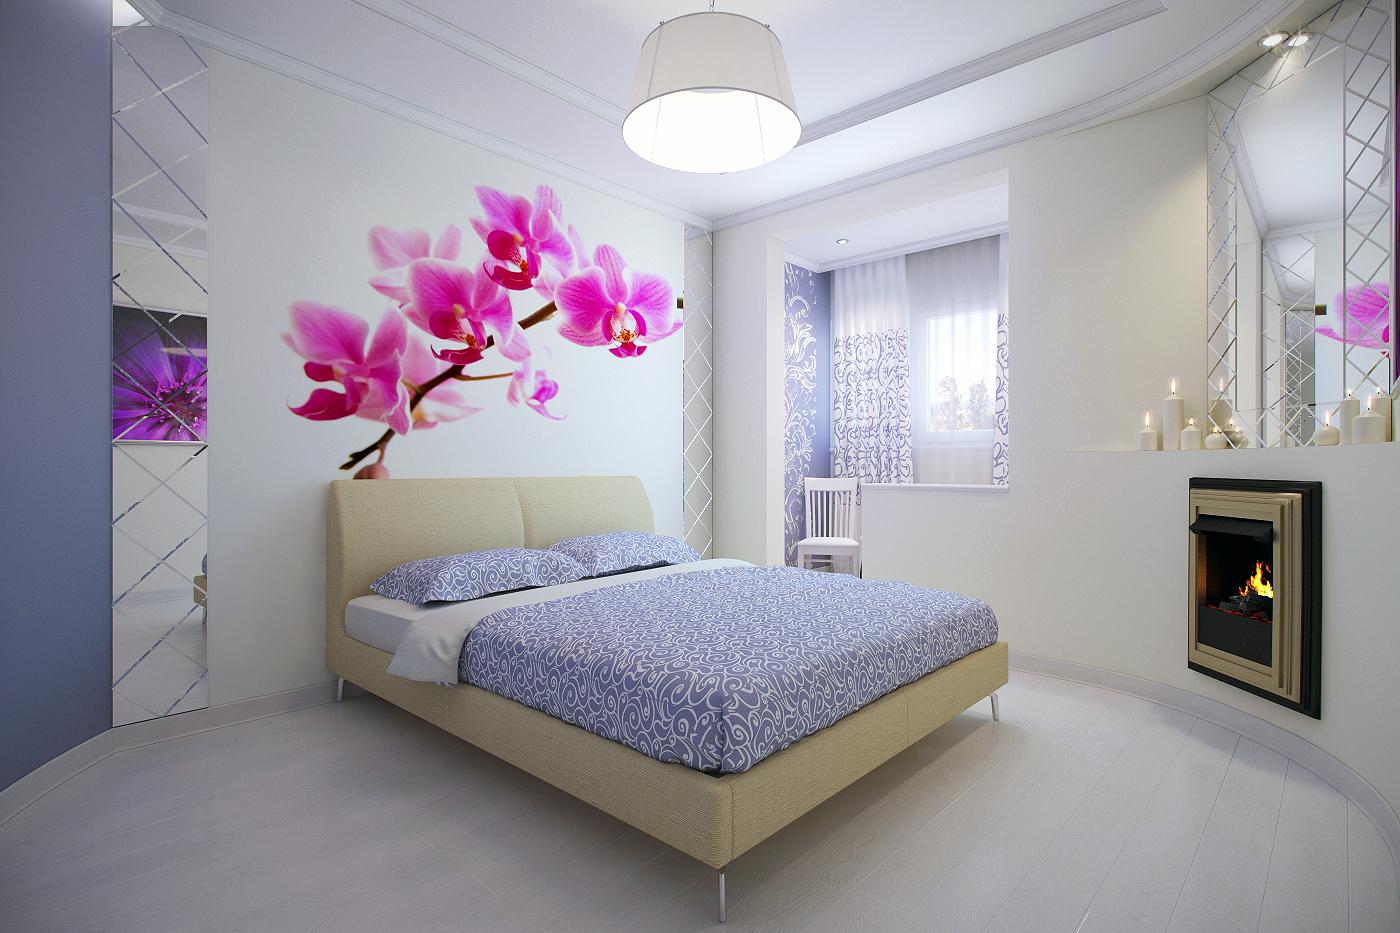 Ремонт своими руками дизайн спальни